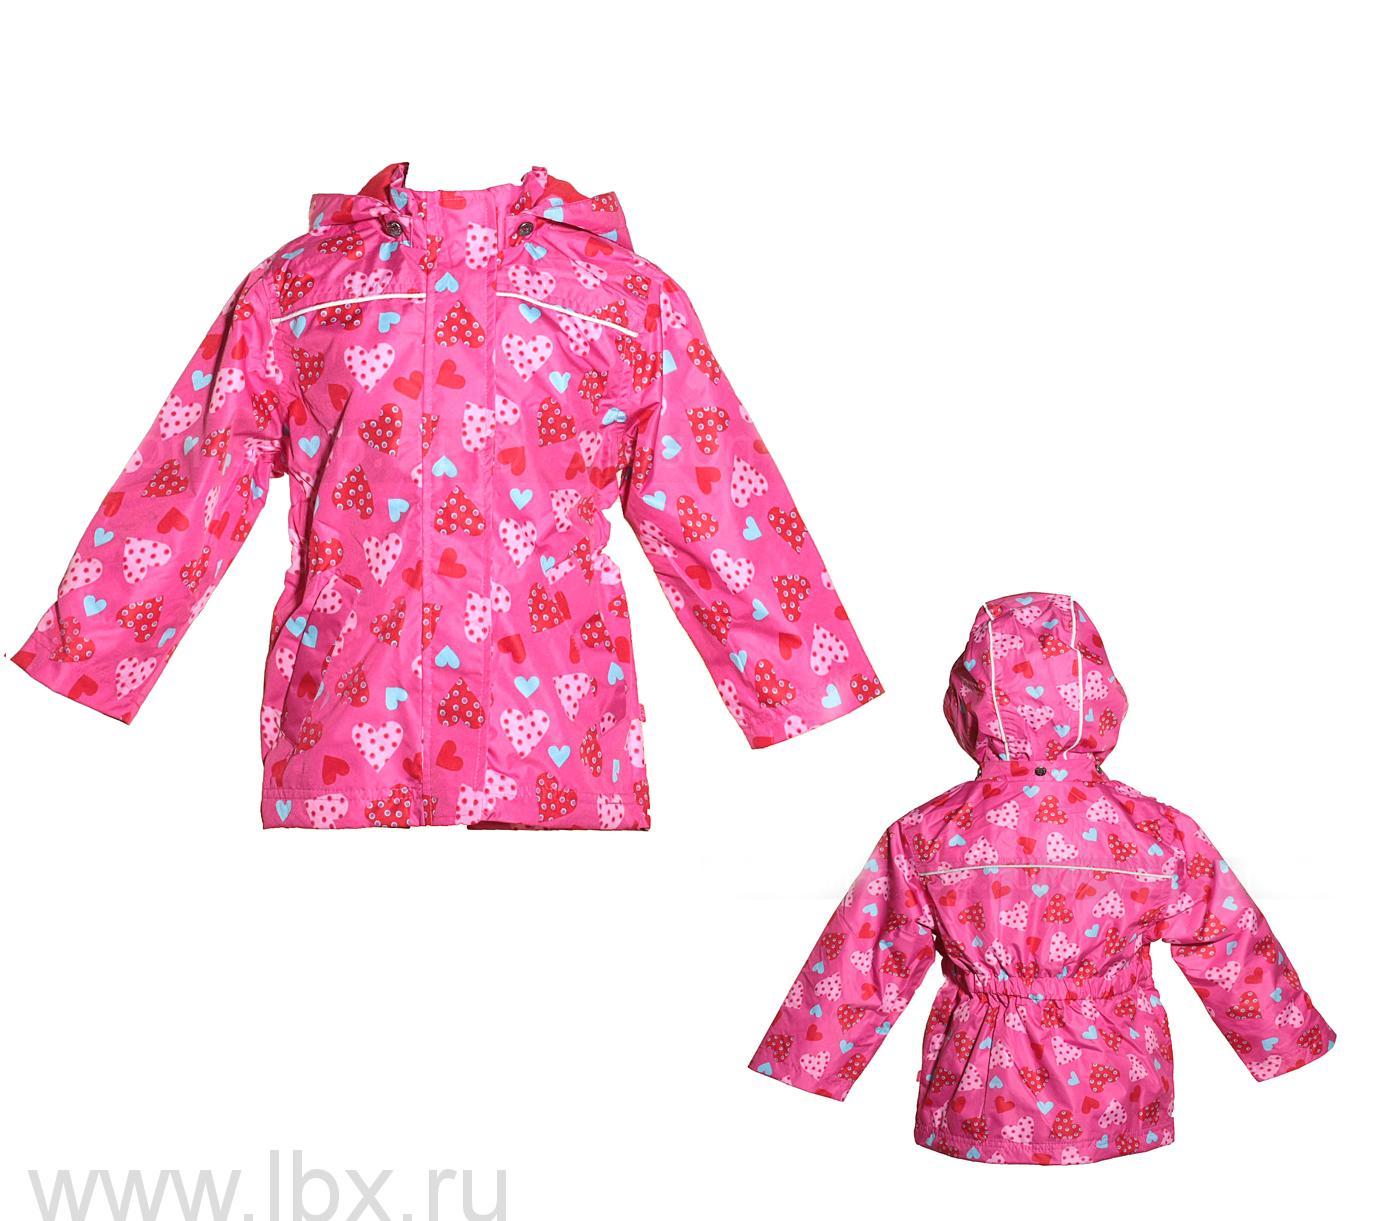 Куртка Me Too (Ми Ту), розовая